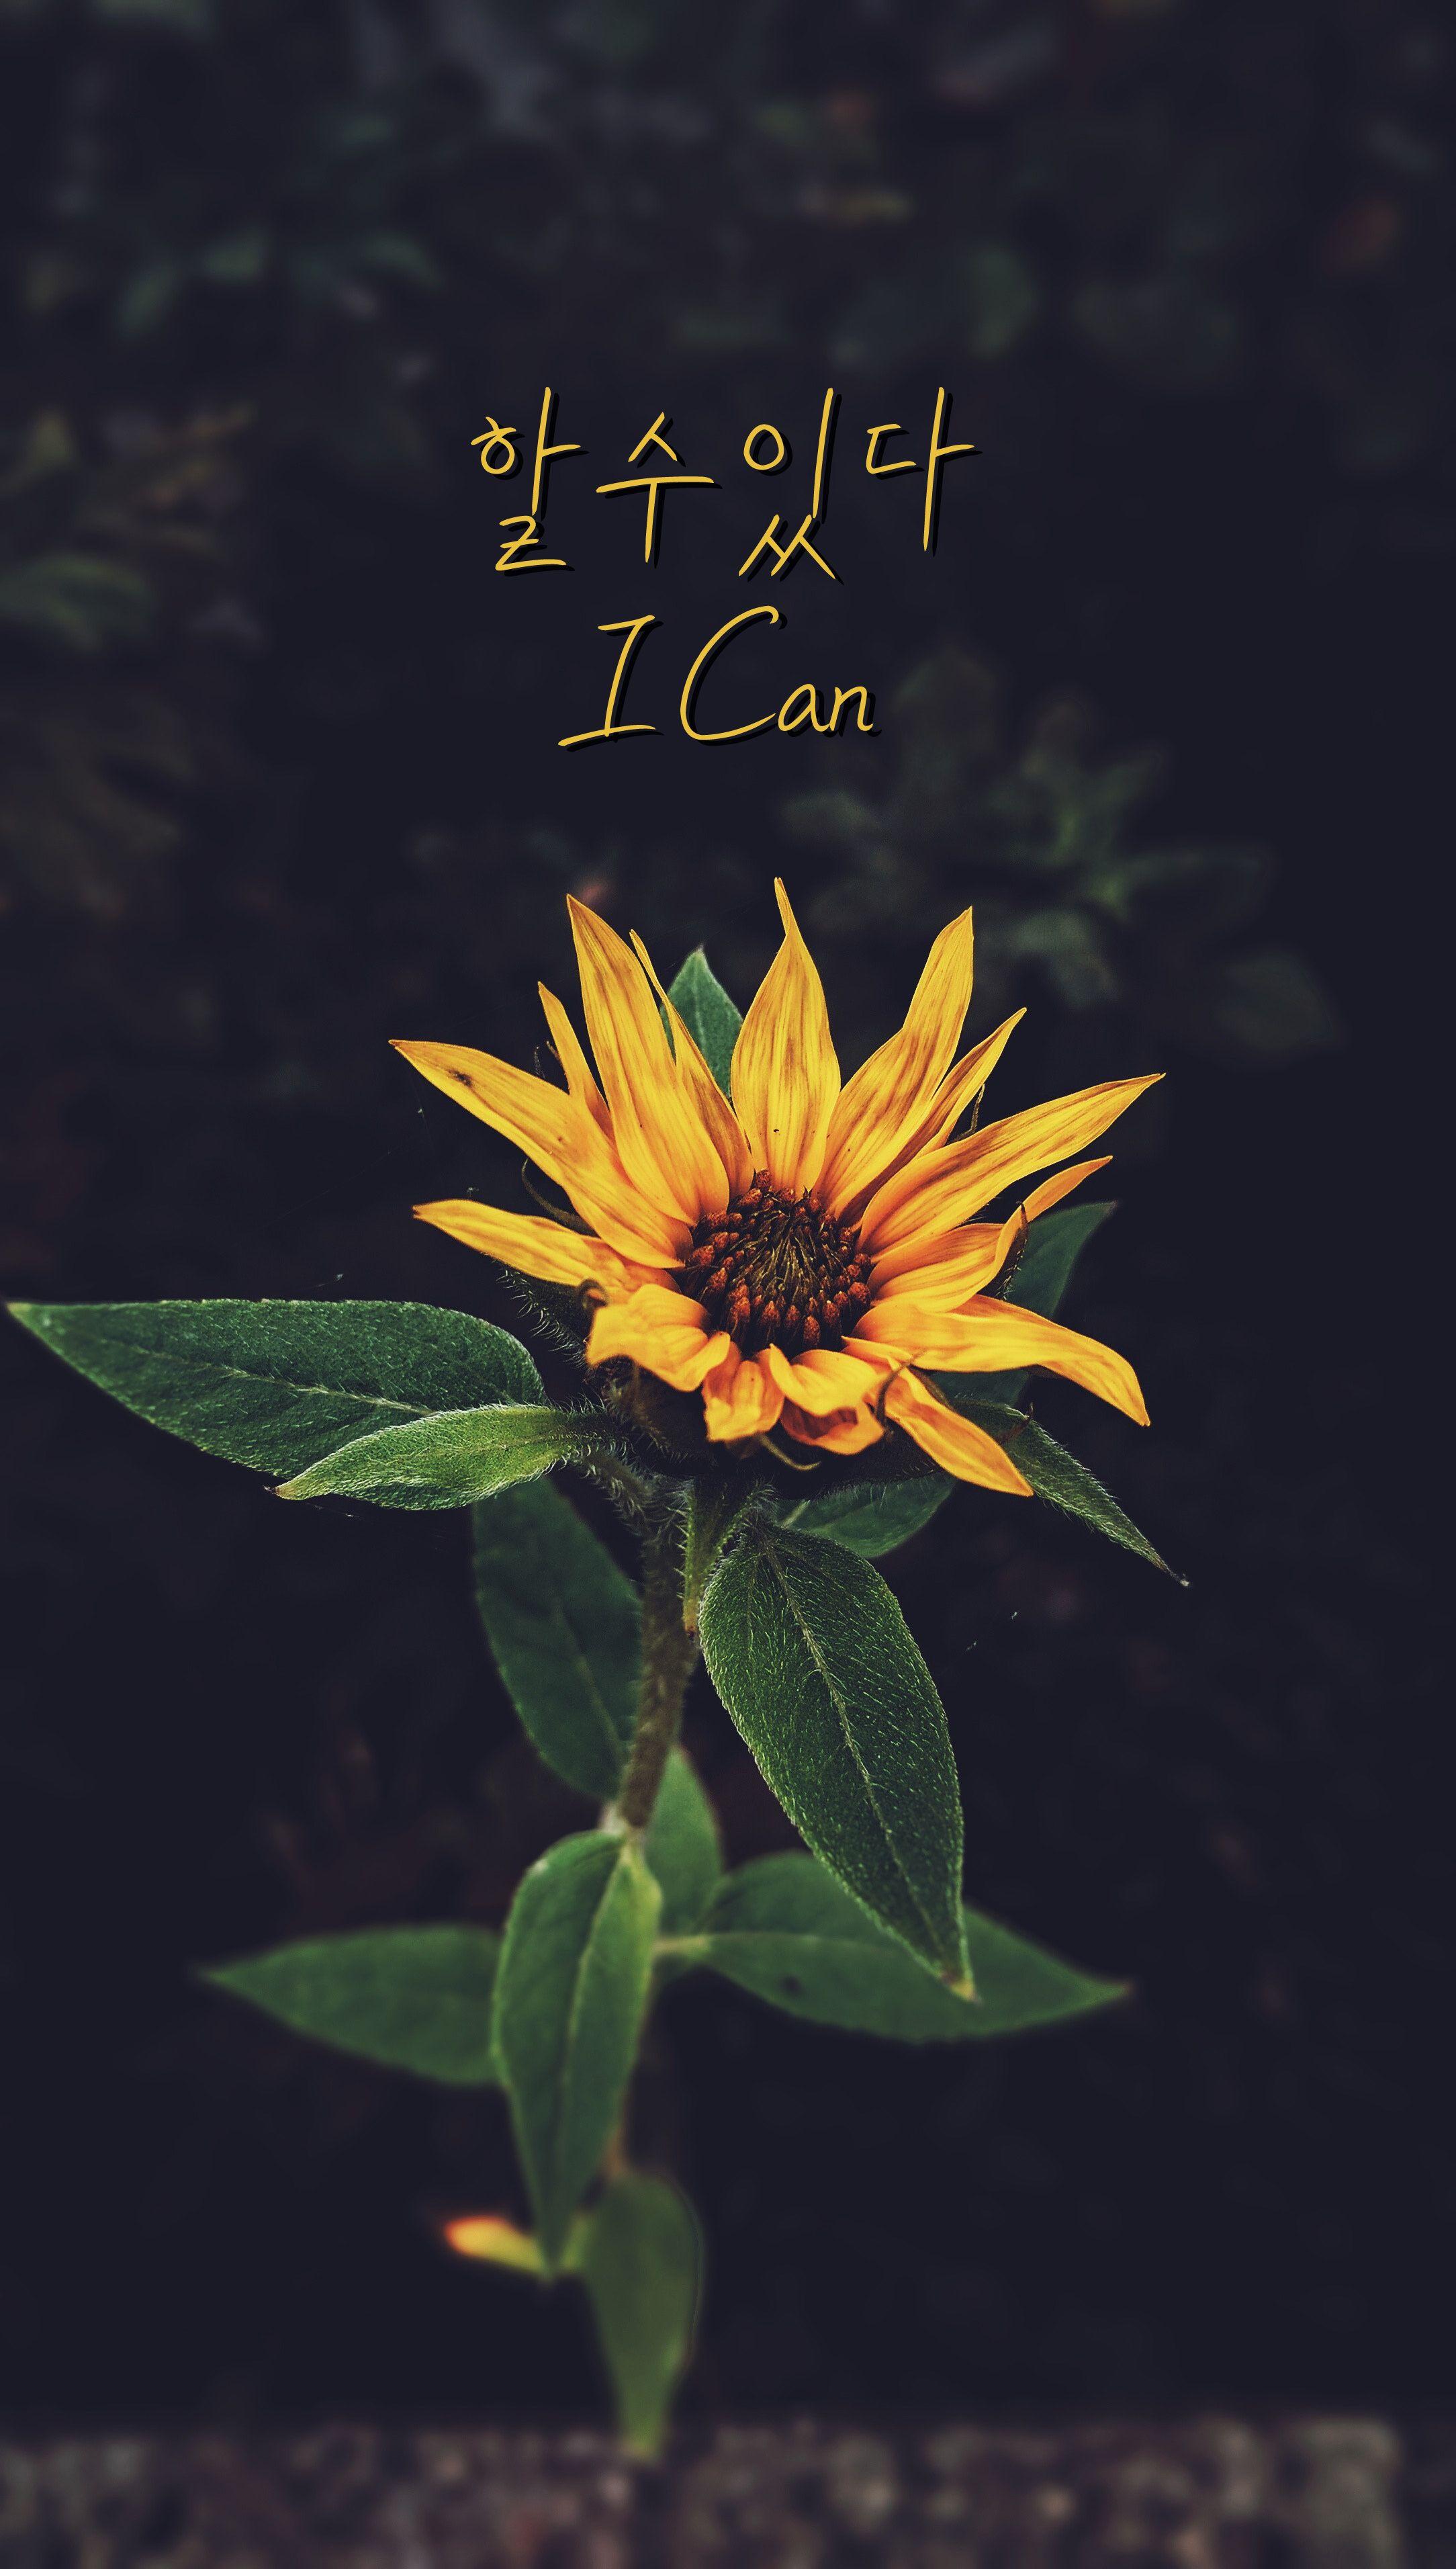 할수있다 I Can Fotografi alam, Latar belakang, Bahasa korea